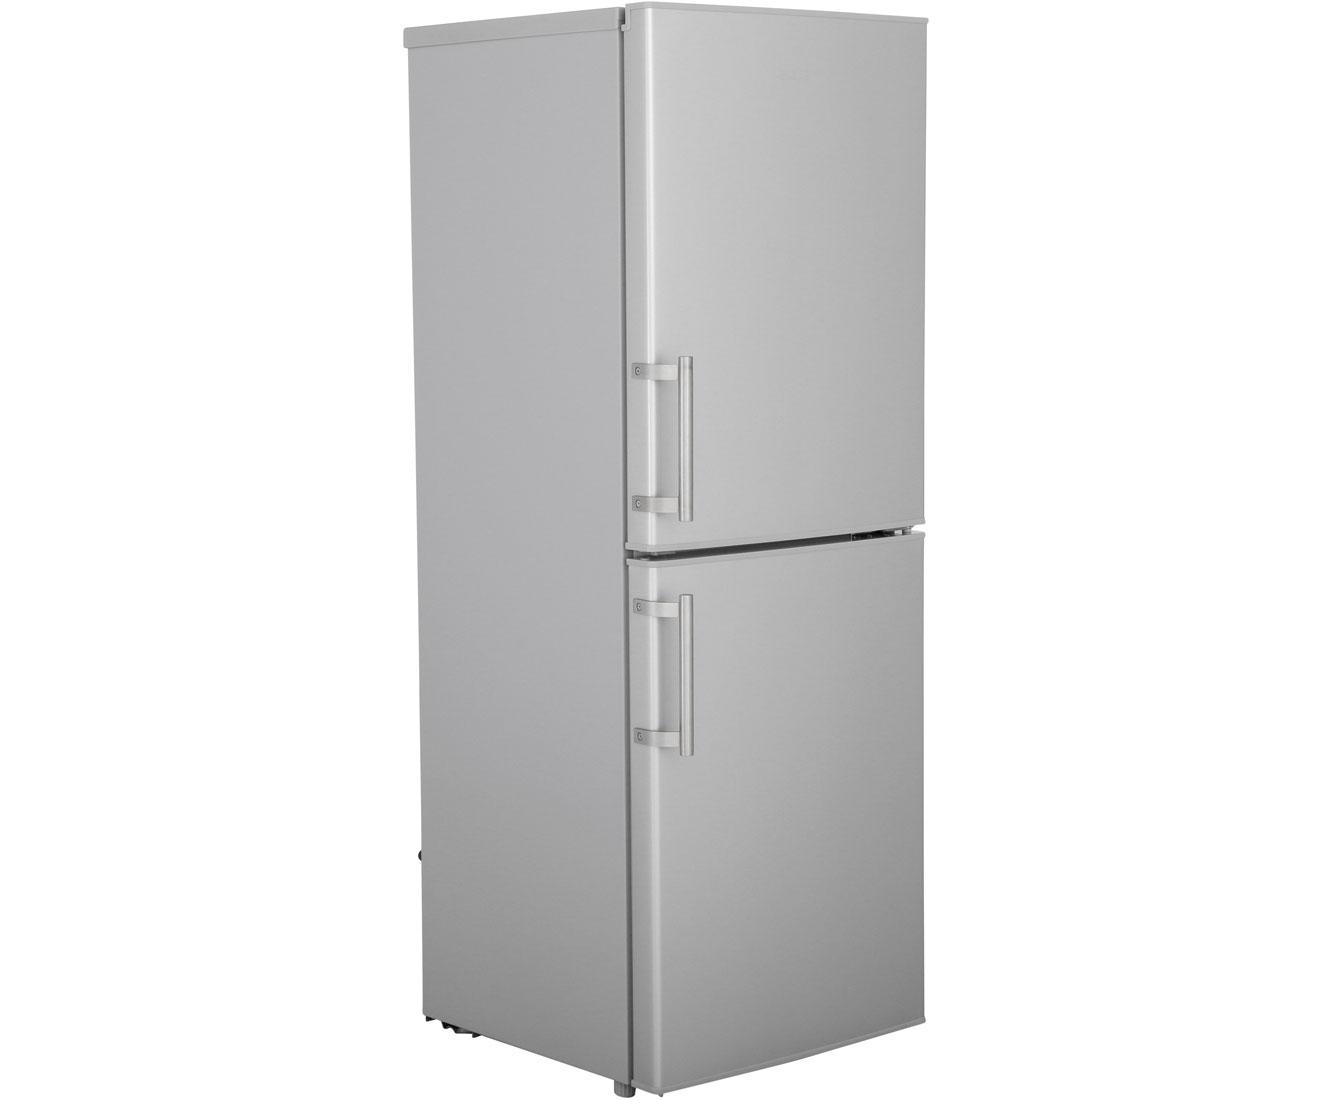 Kühlschrank Kombi : Silber kühl gefrierkombis online kaufen möbel suchmaschine